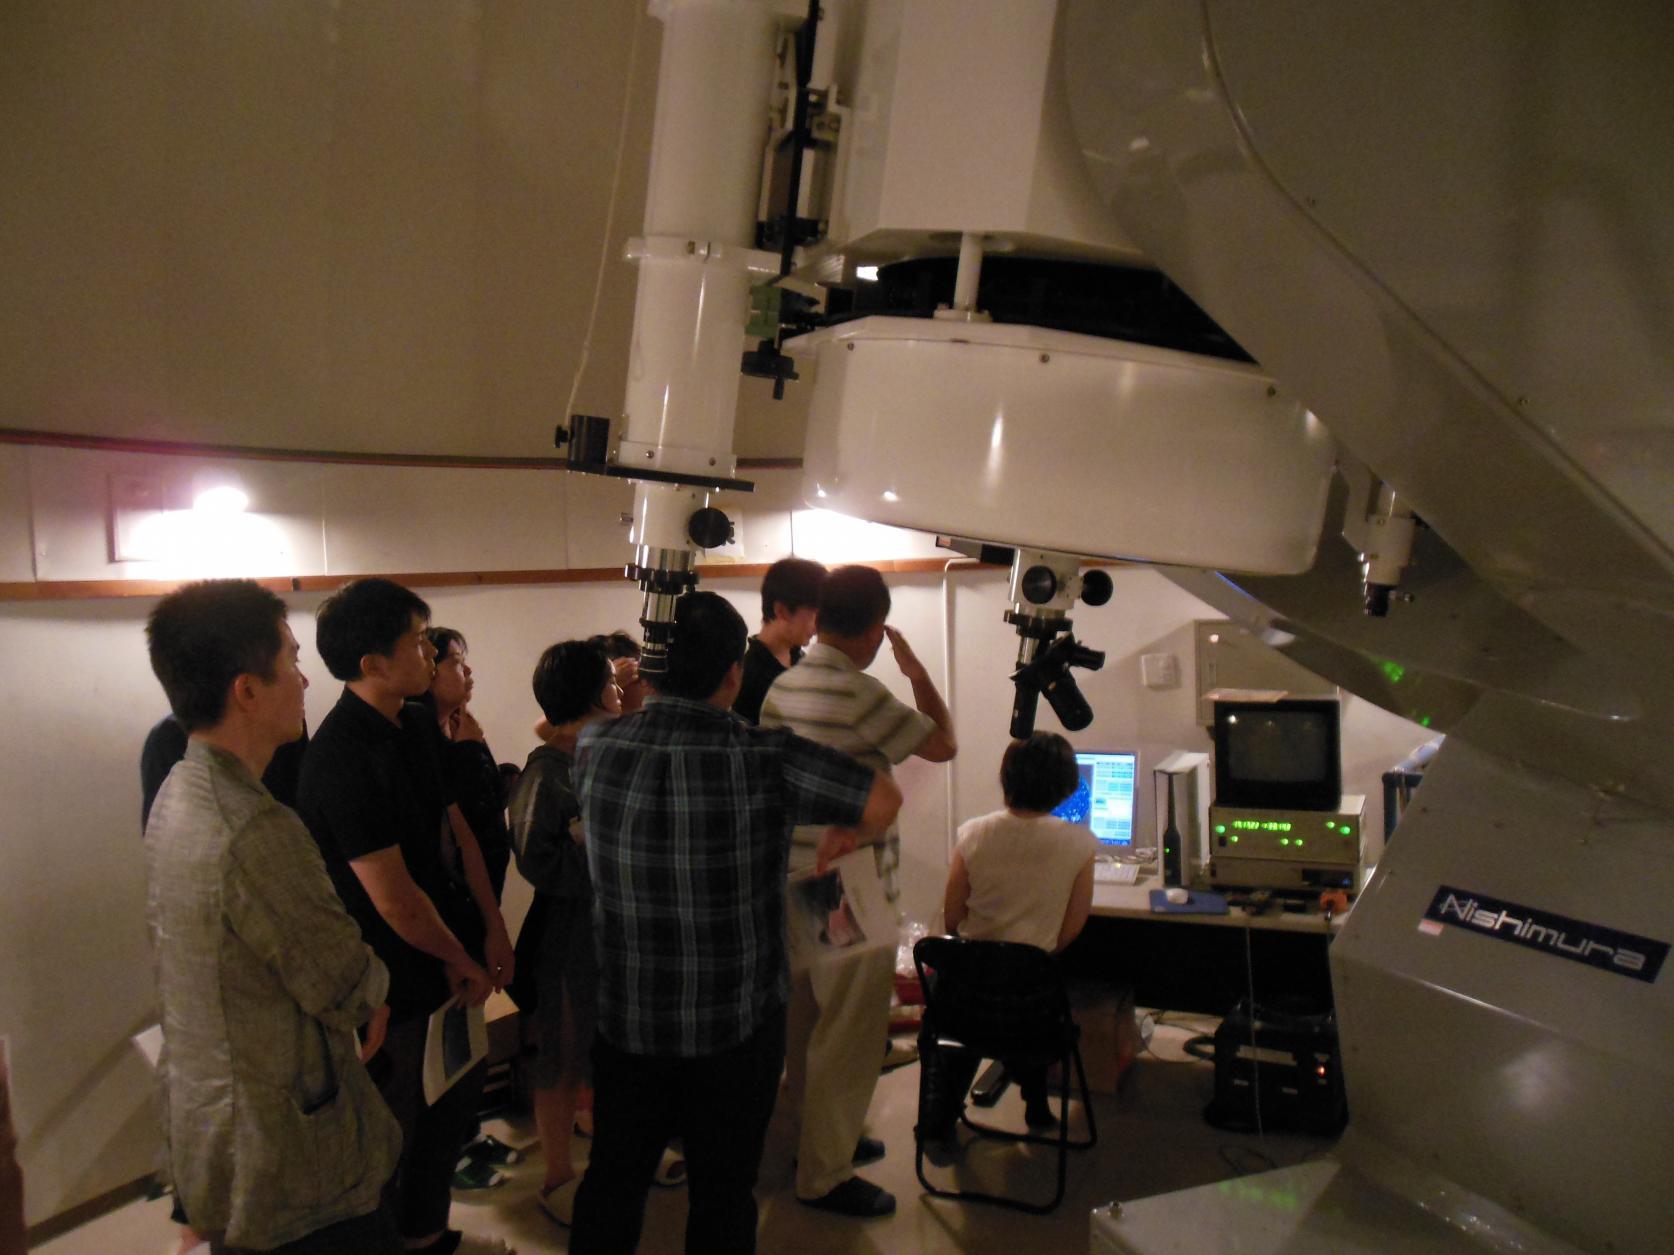 【実施報告】令和元年度八海山天文台利用講習会を実施しました。